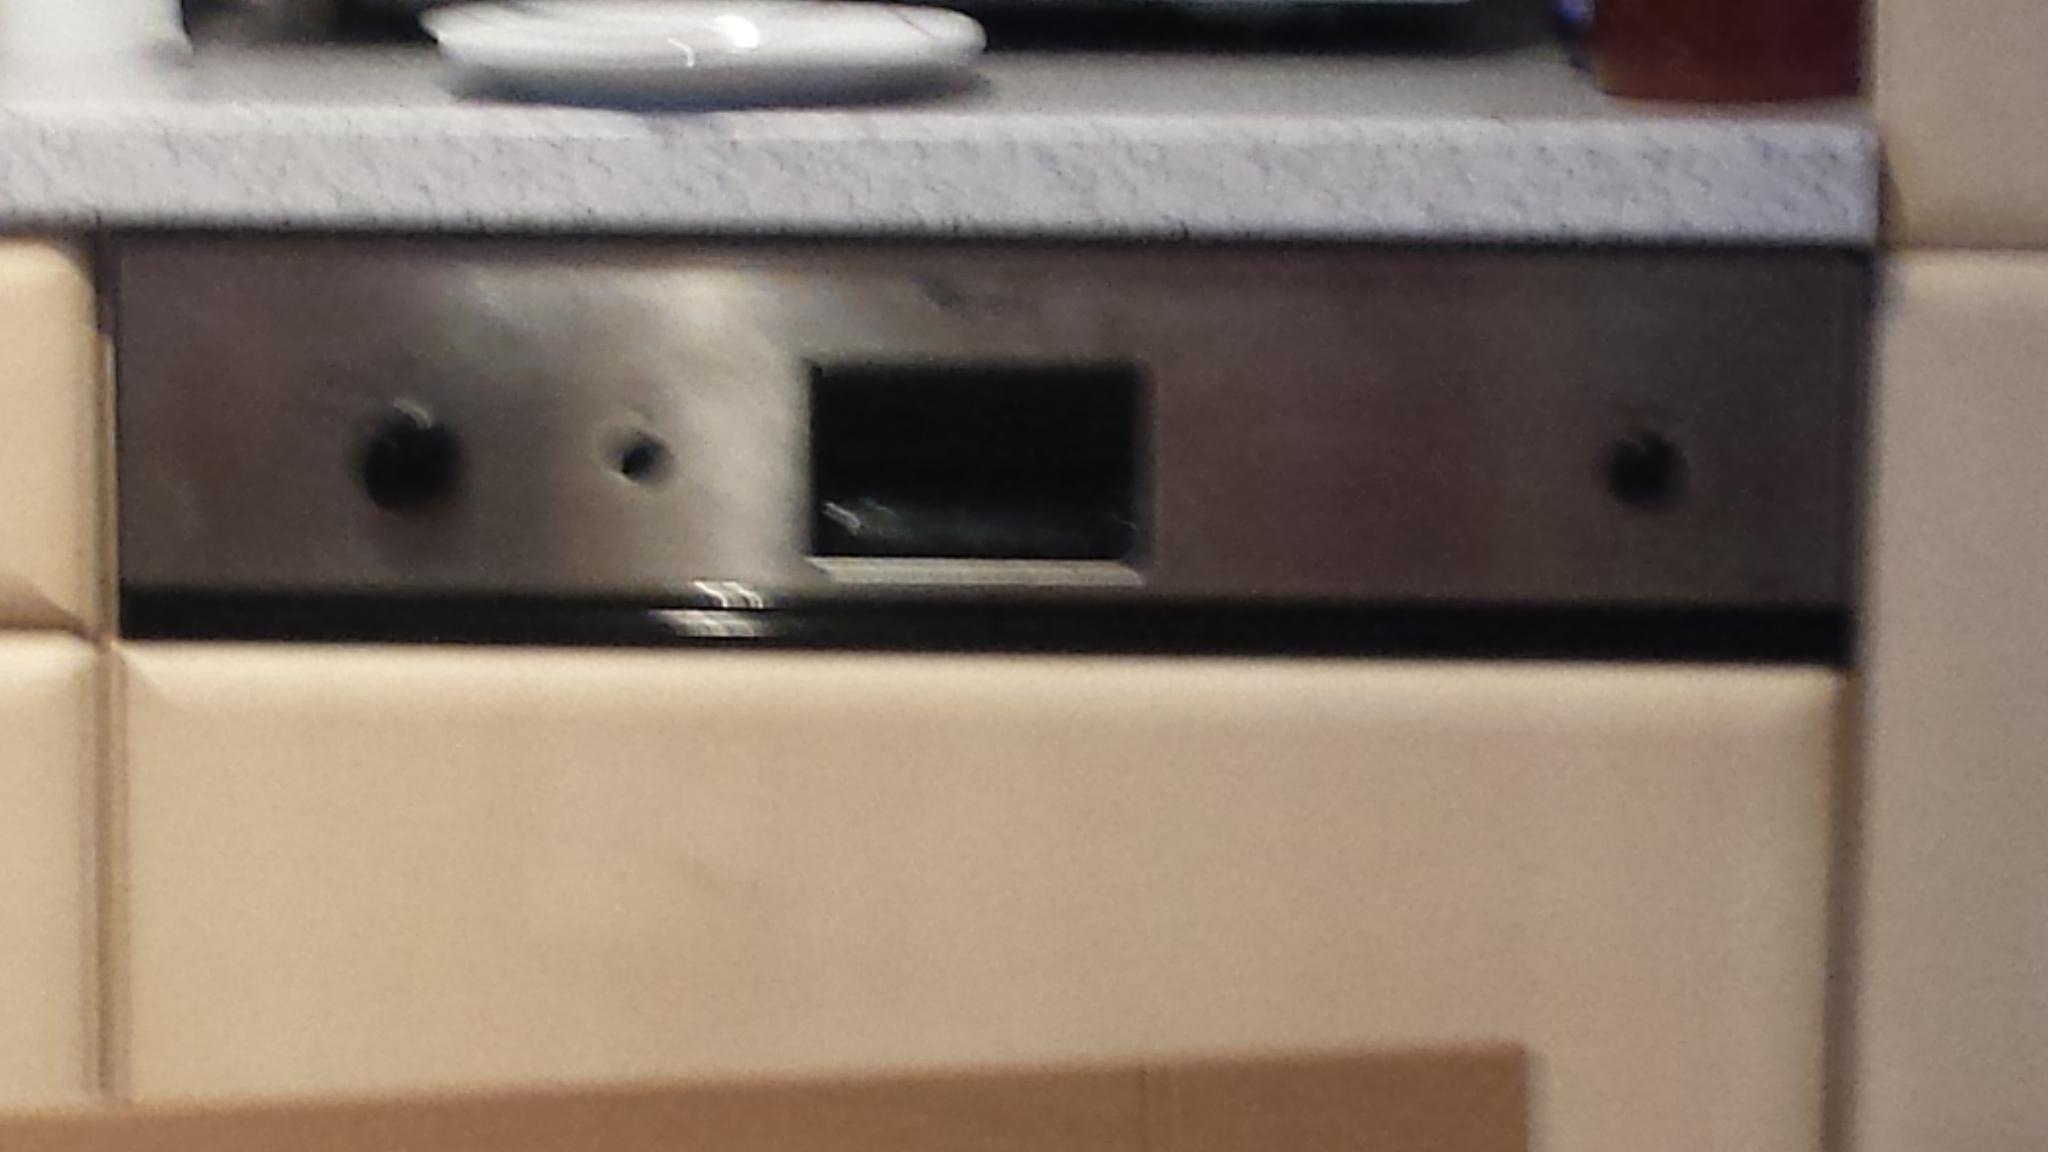 Whirlpool spulmaschine blinkt modernes wohndesign katekorte